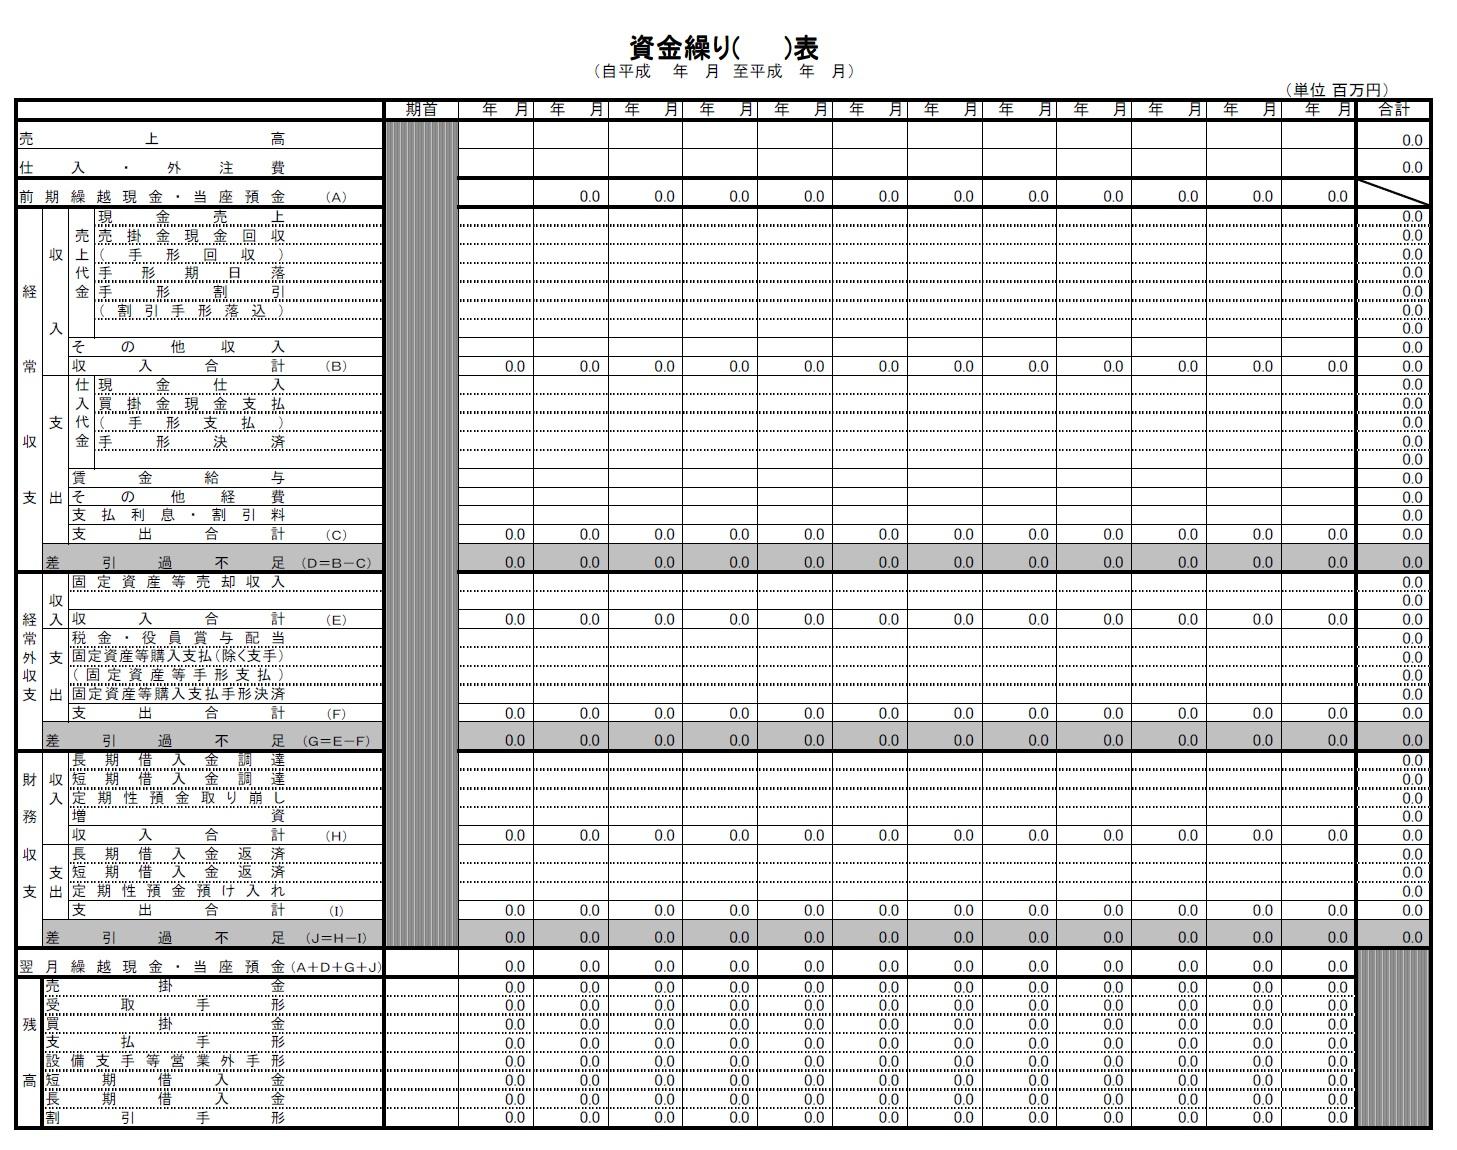 日本政策金融公庫が公表している資金繰り表のひな型です。